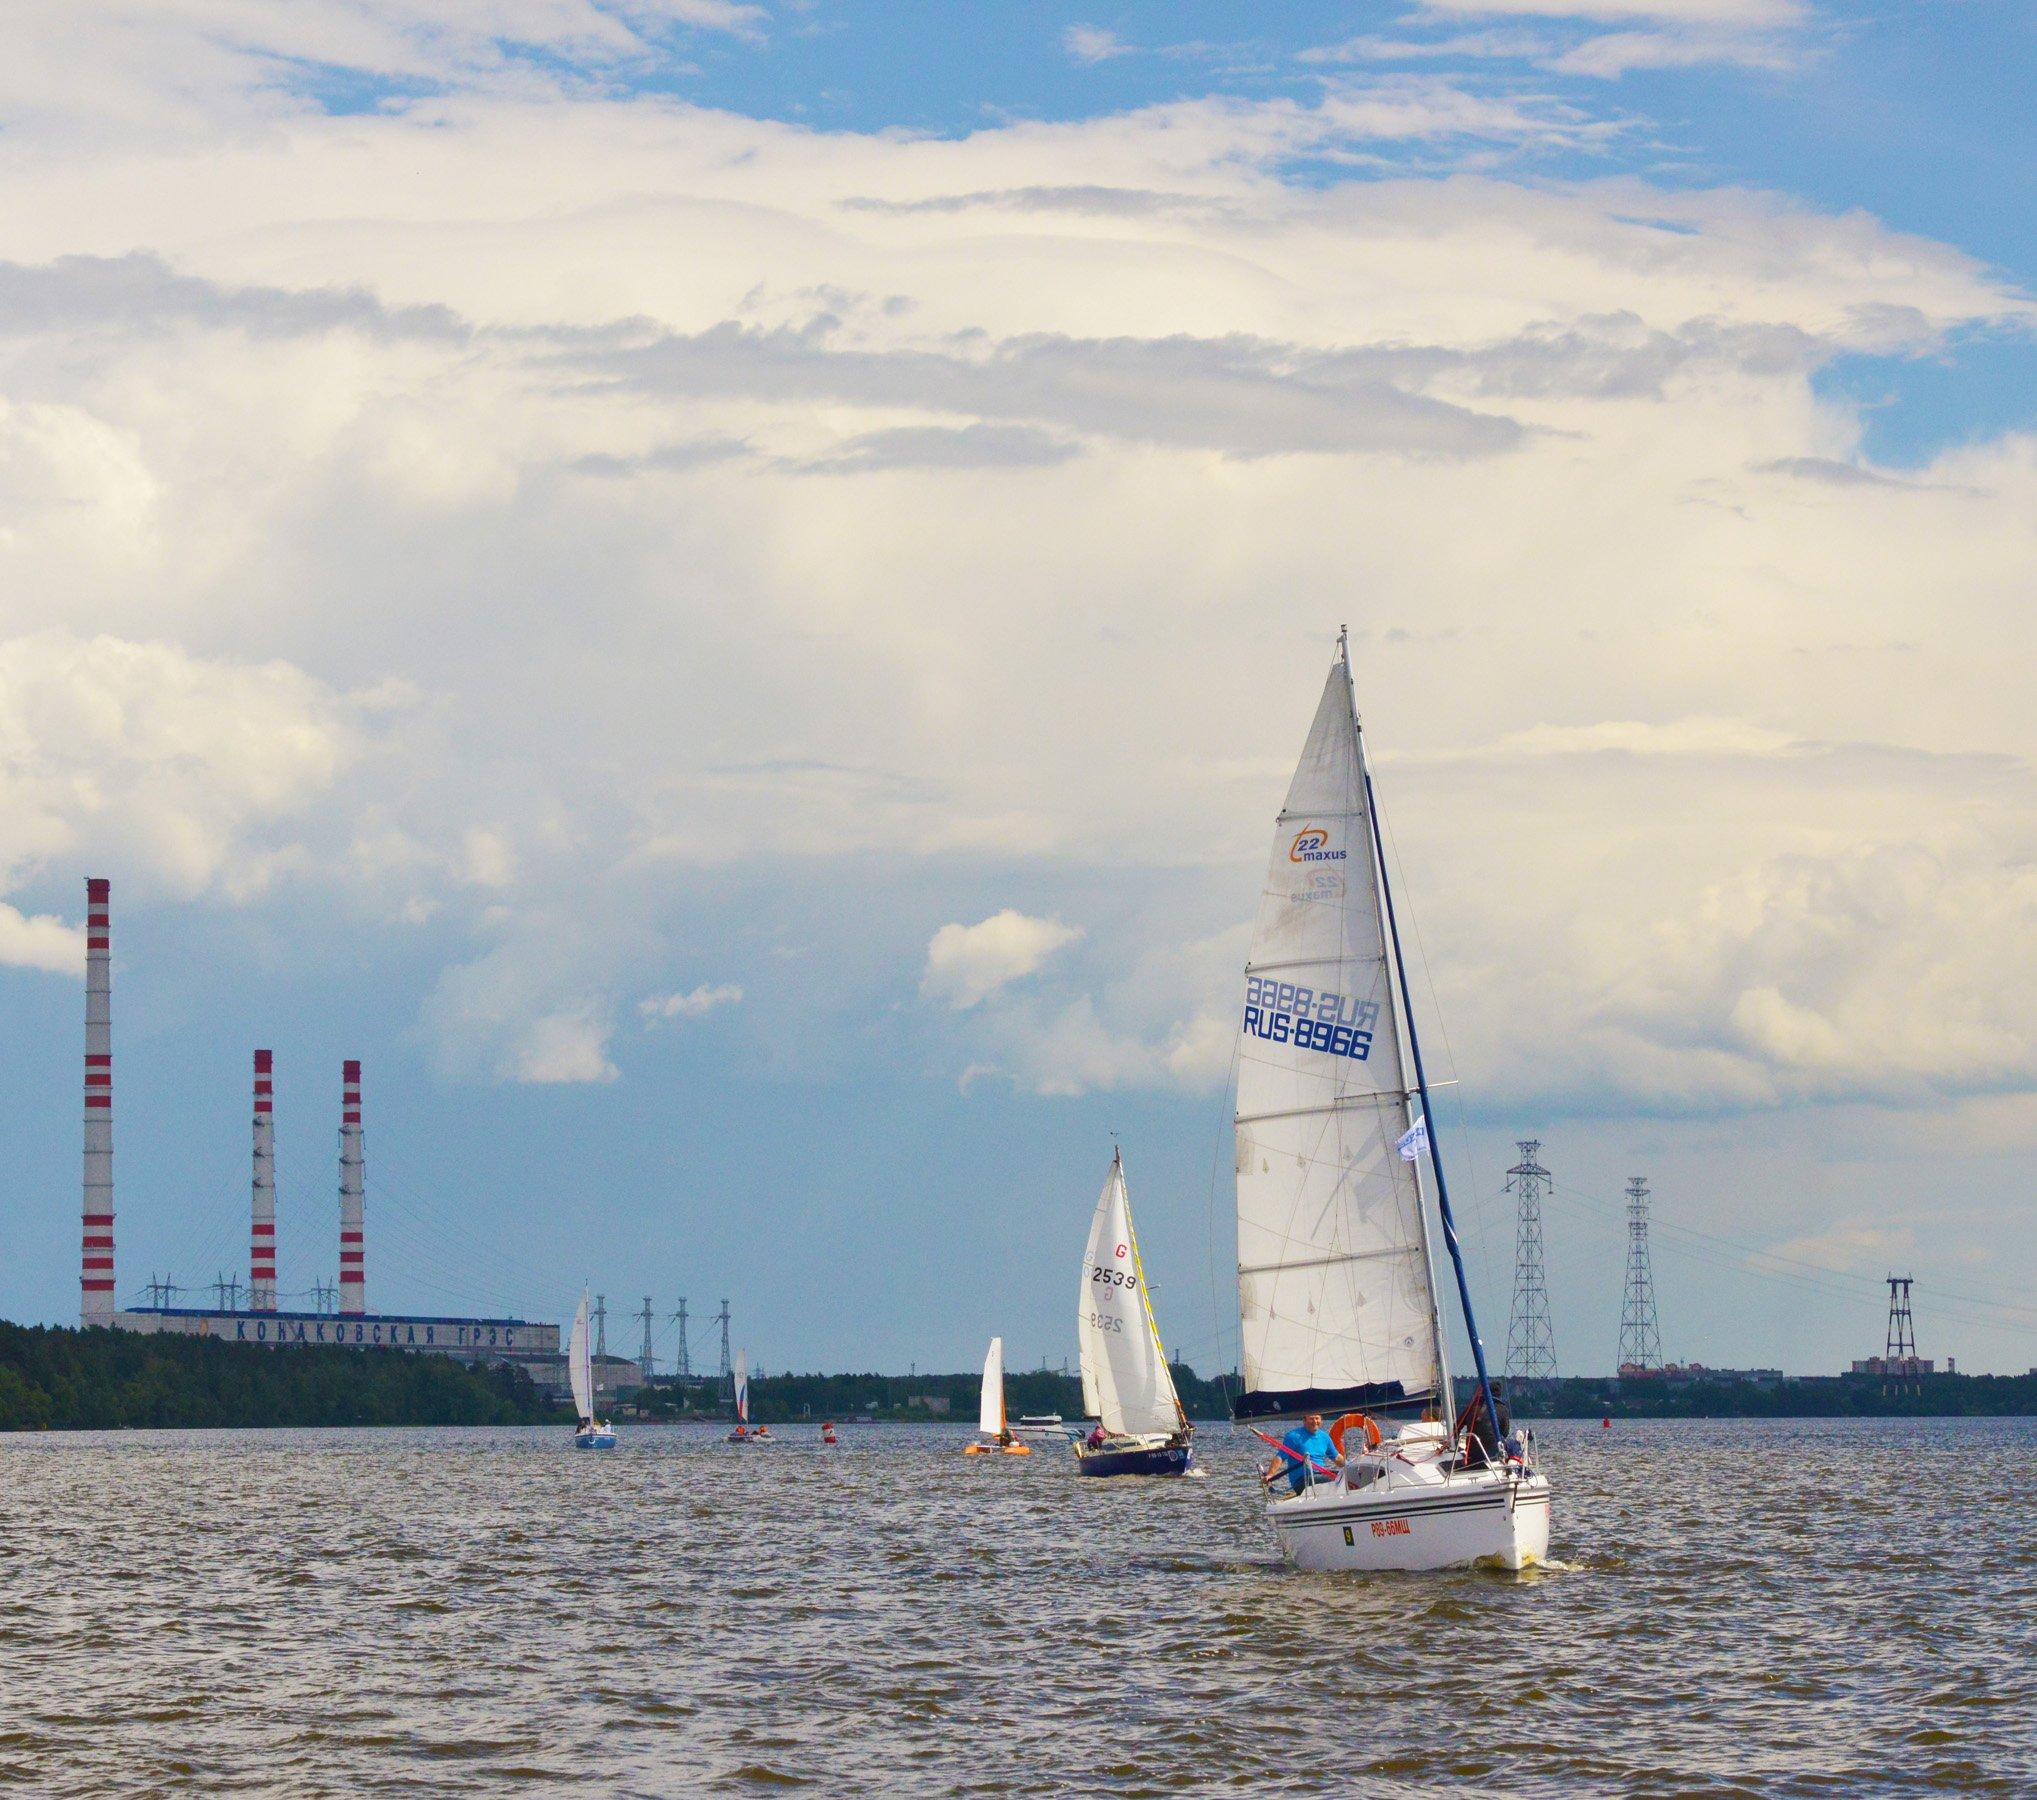 московское море, иваньковское водохранилище, конаково, народная регата, Сергей Седов